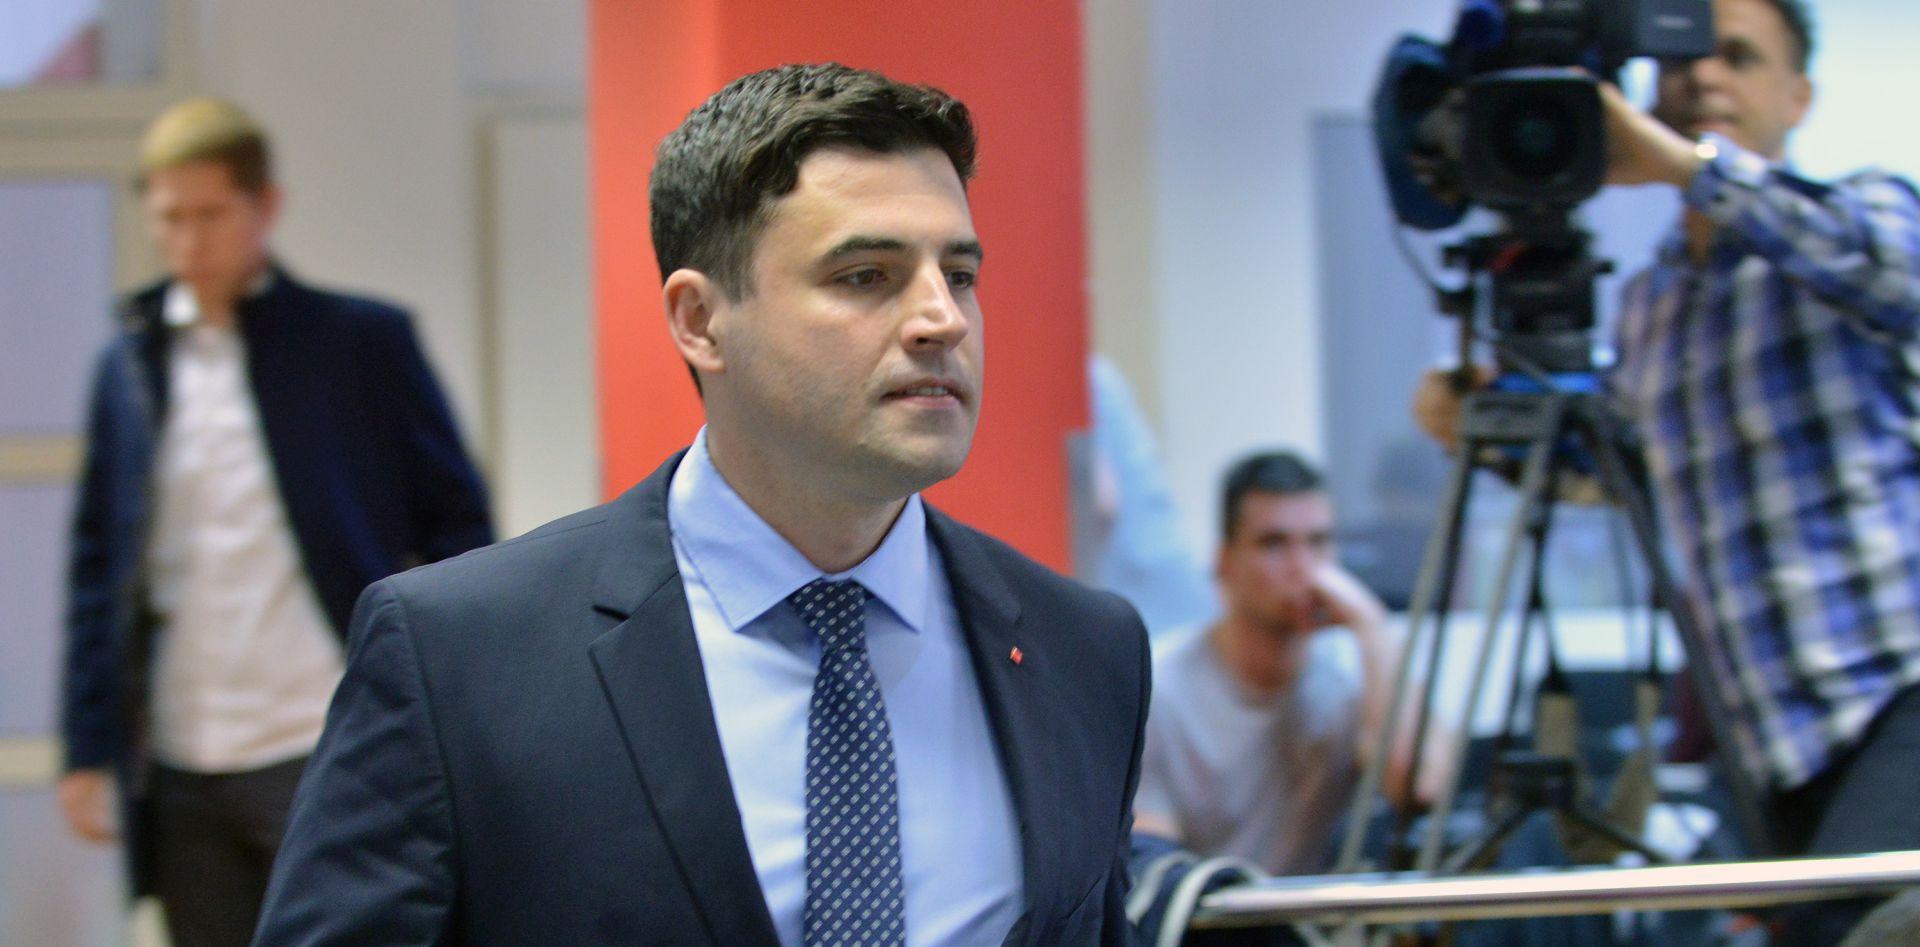 Grbin, Zmajlović i Hajdaš Dončić suspendirani na 2 godine